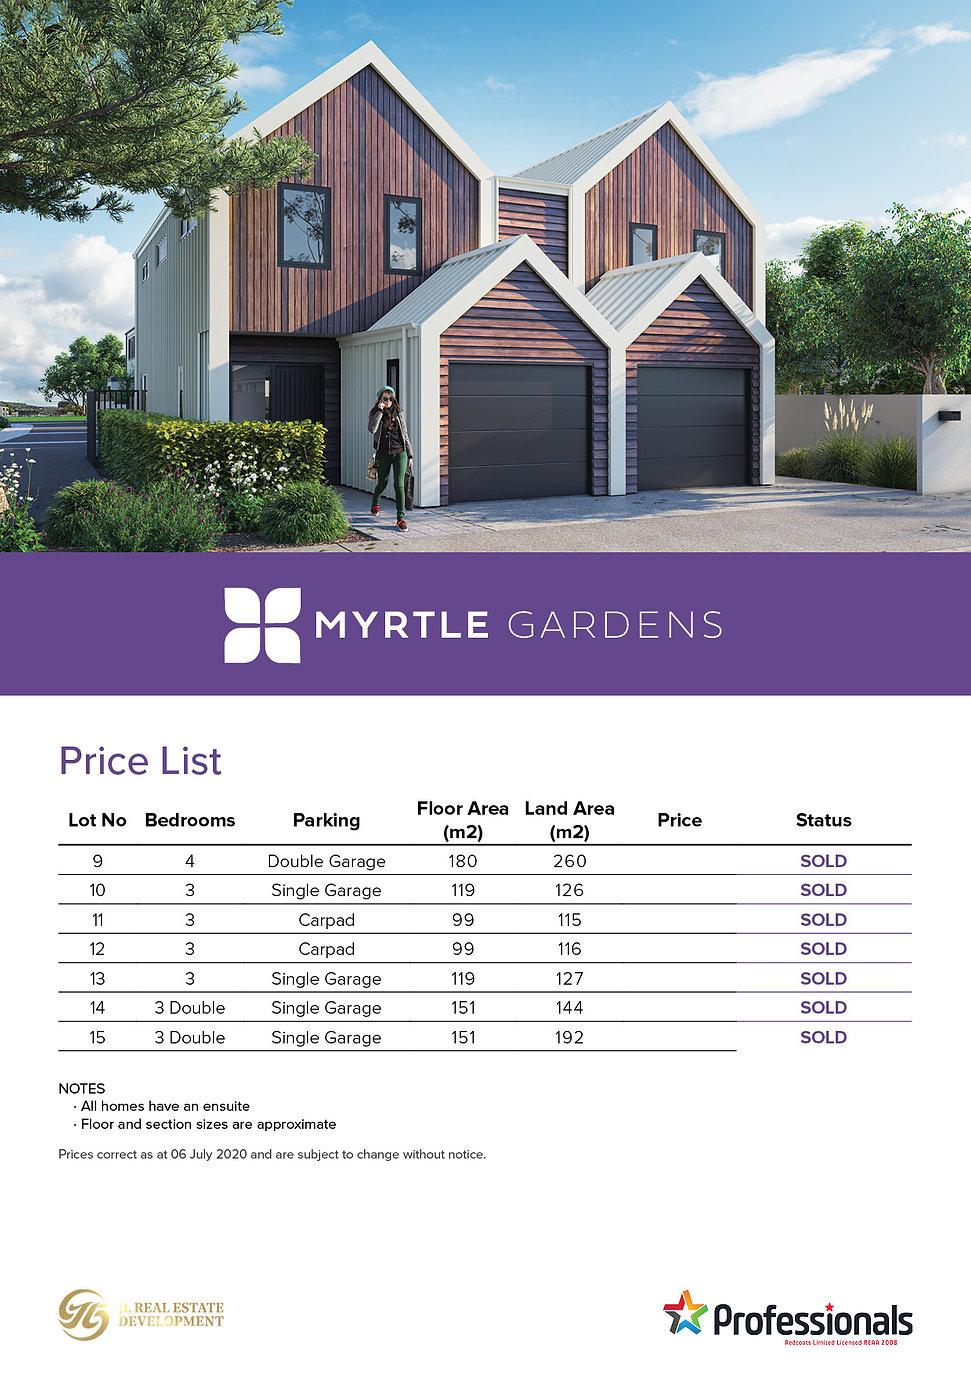 Myrtle Gardens Price List.jpg